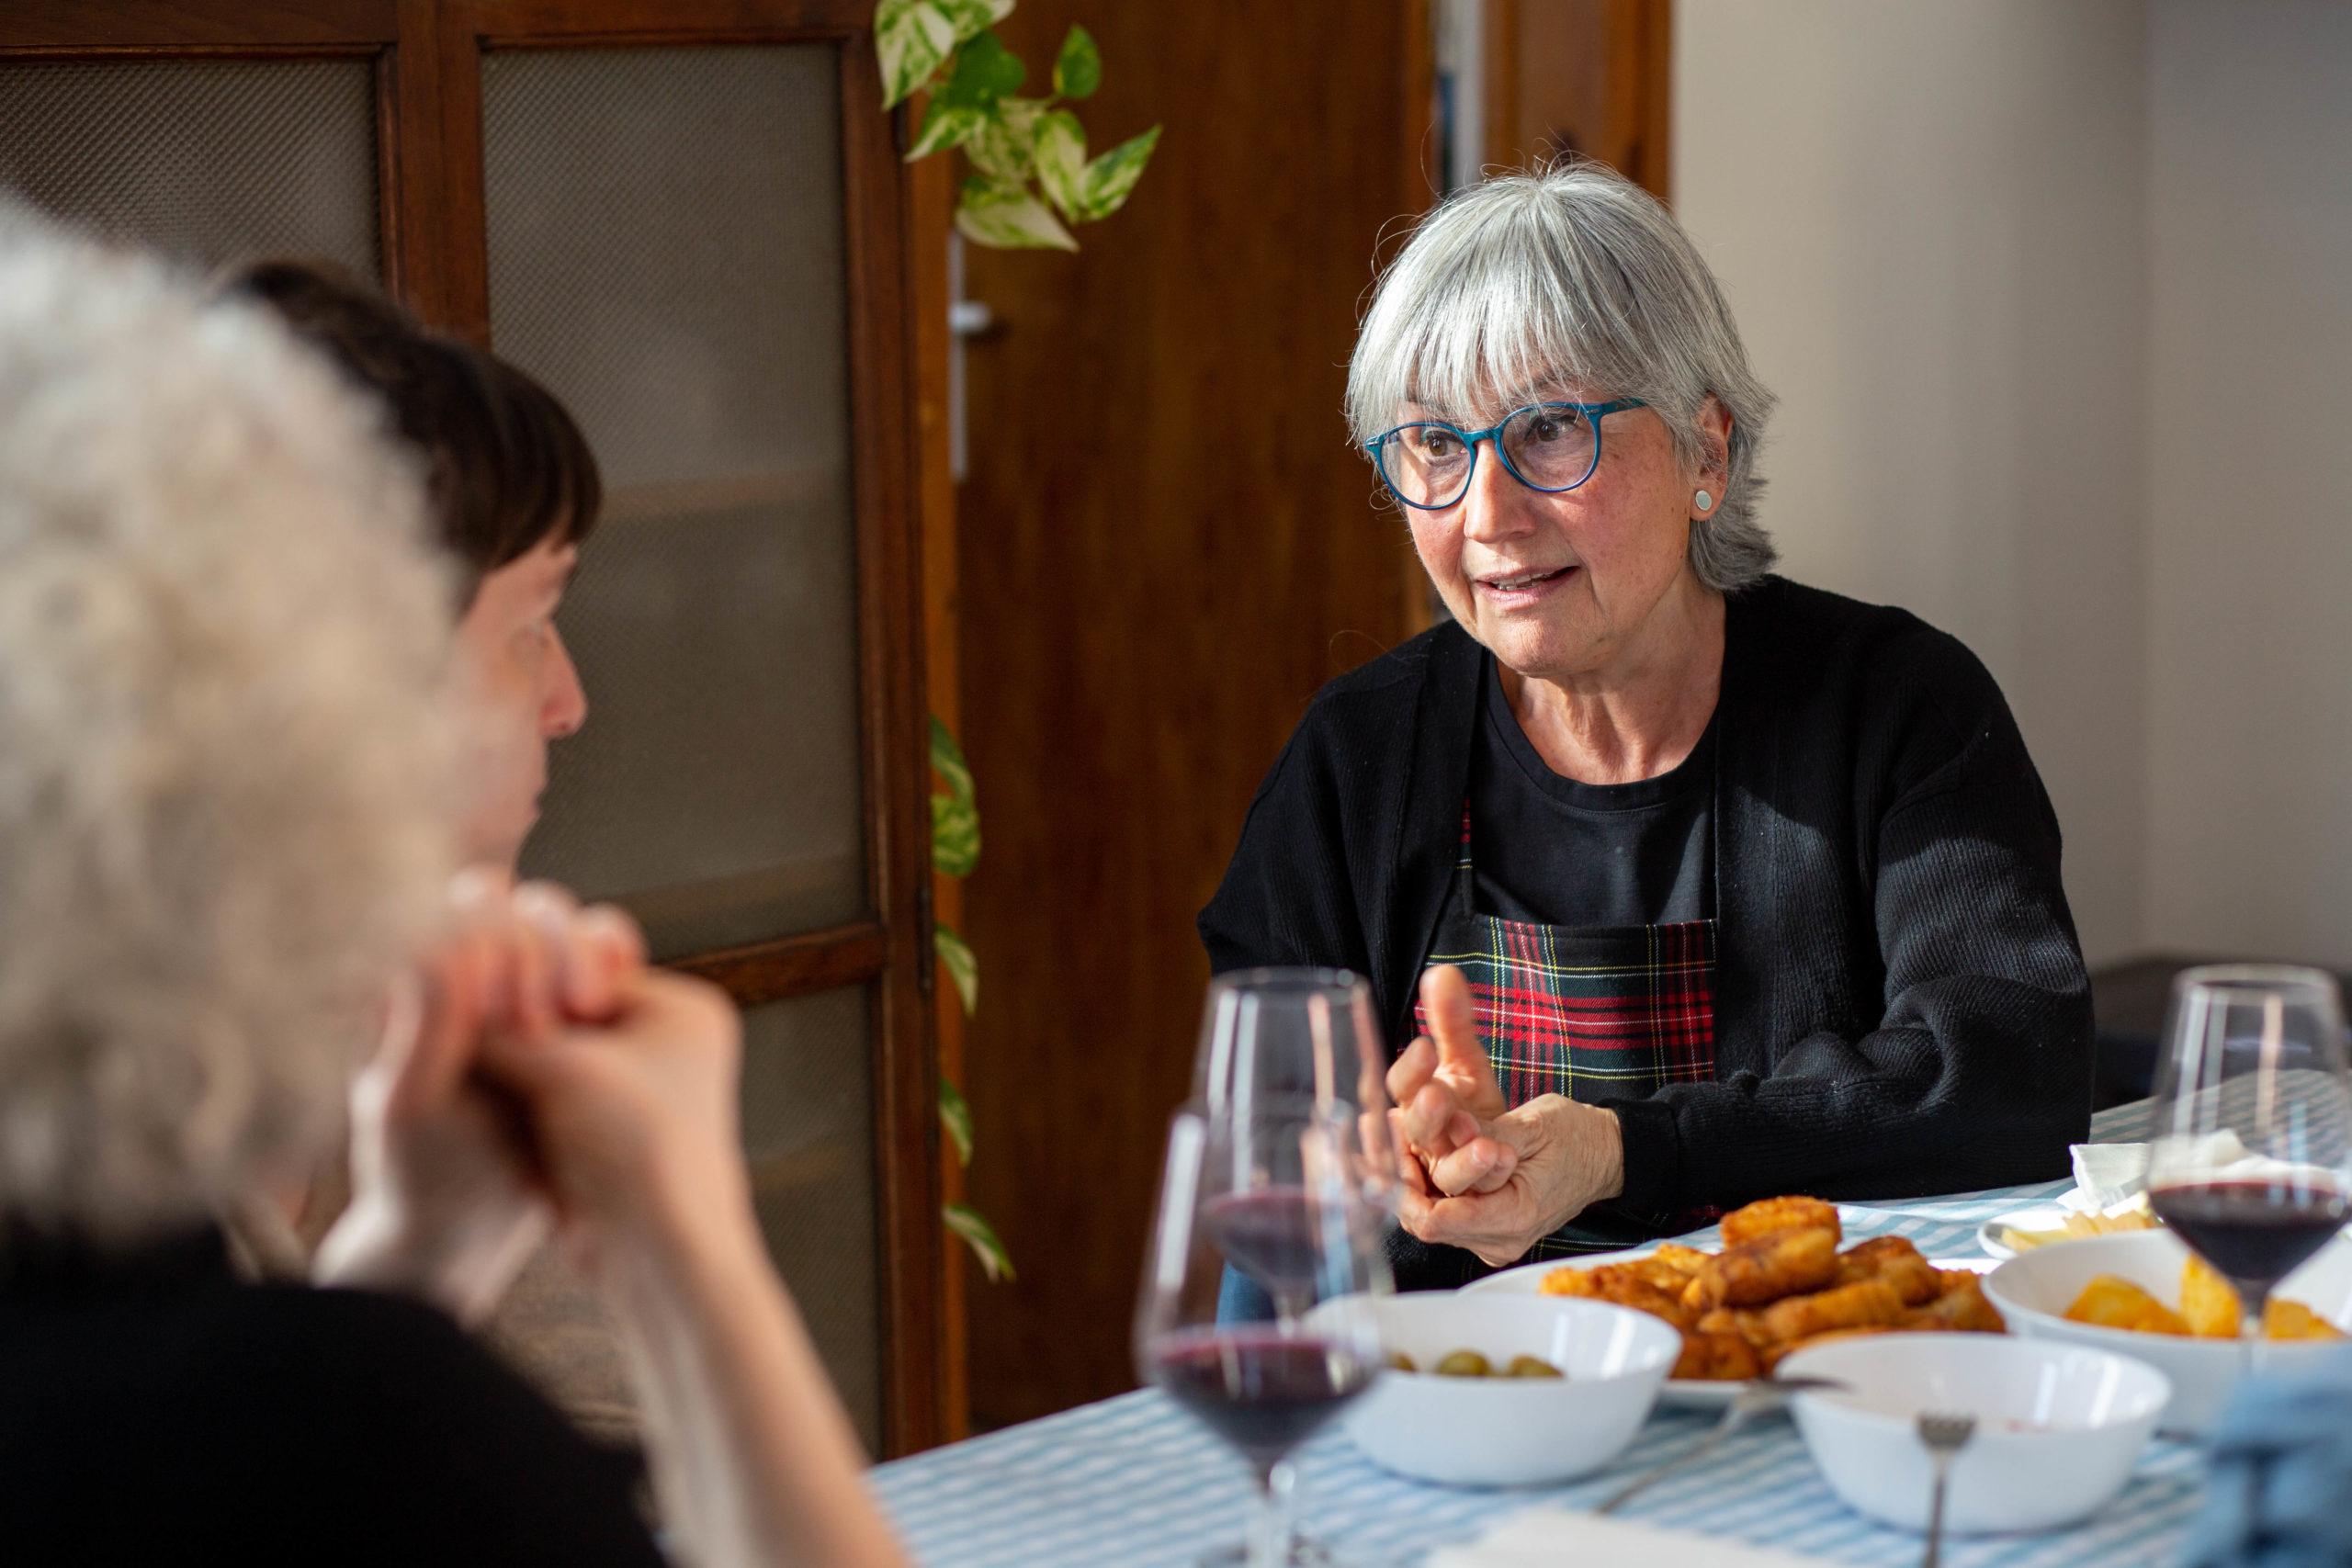 Pla mig dona parlant amb unes amigues en un dinar al menjador de casa